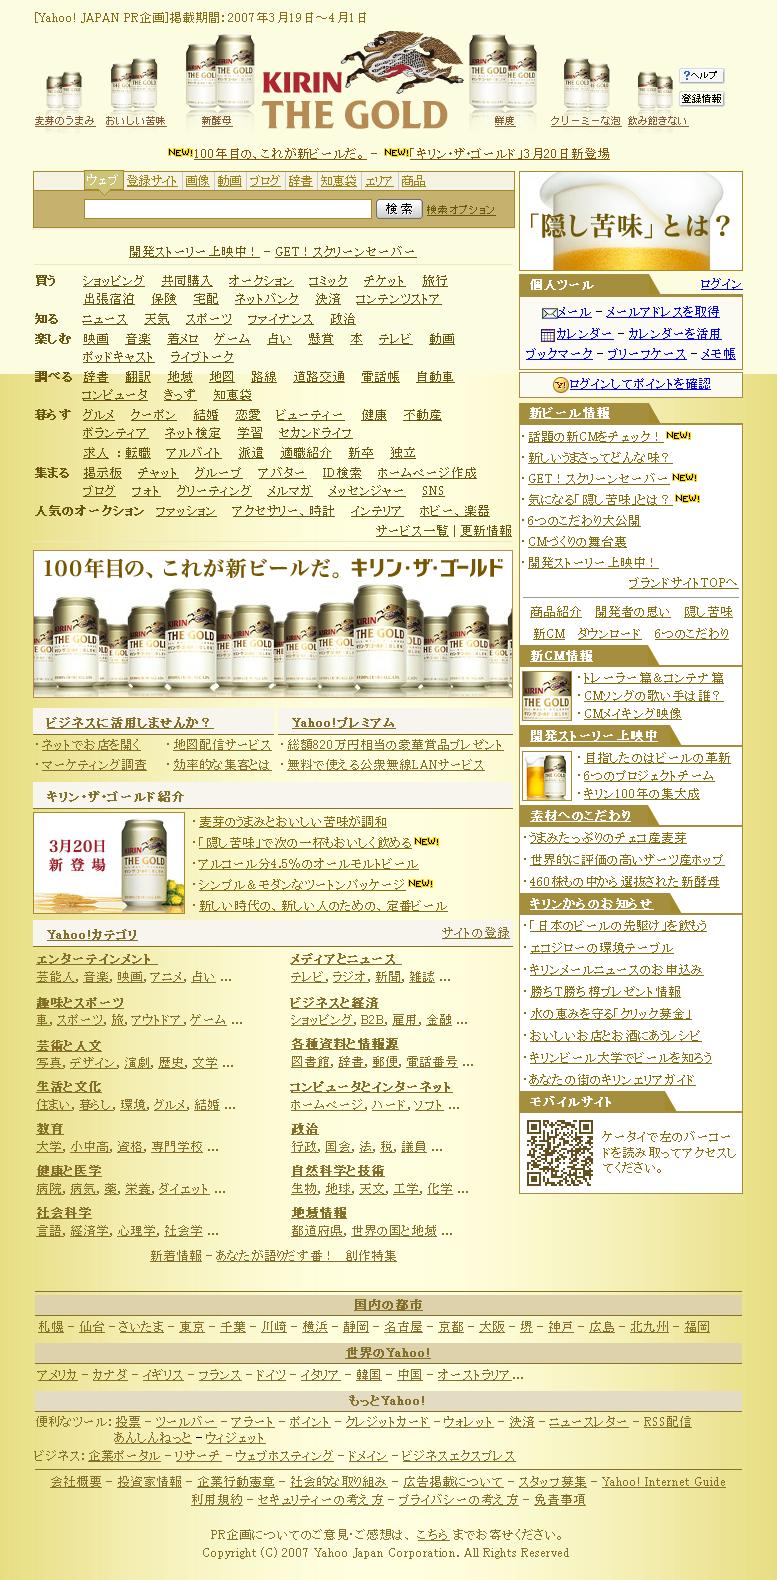 キリン・ザ・ゴールド Yahoo! PR企画 http://promotion.yahoo.co.jp/kirinthegold/